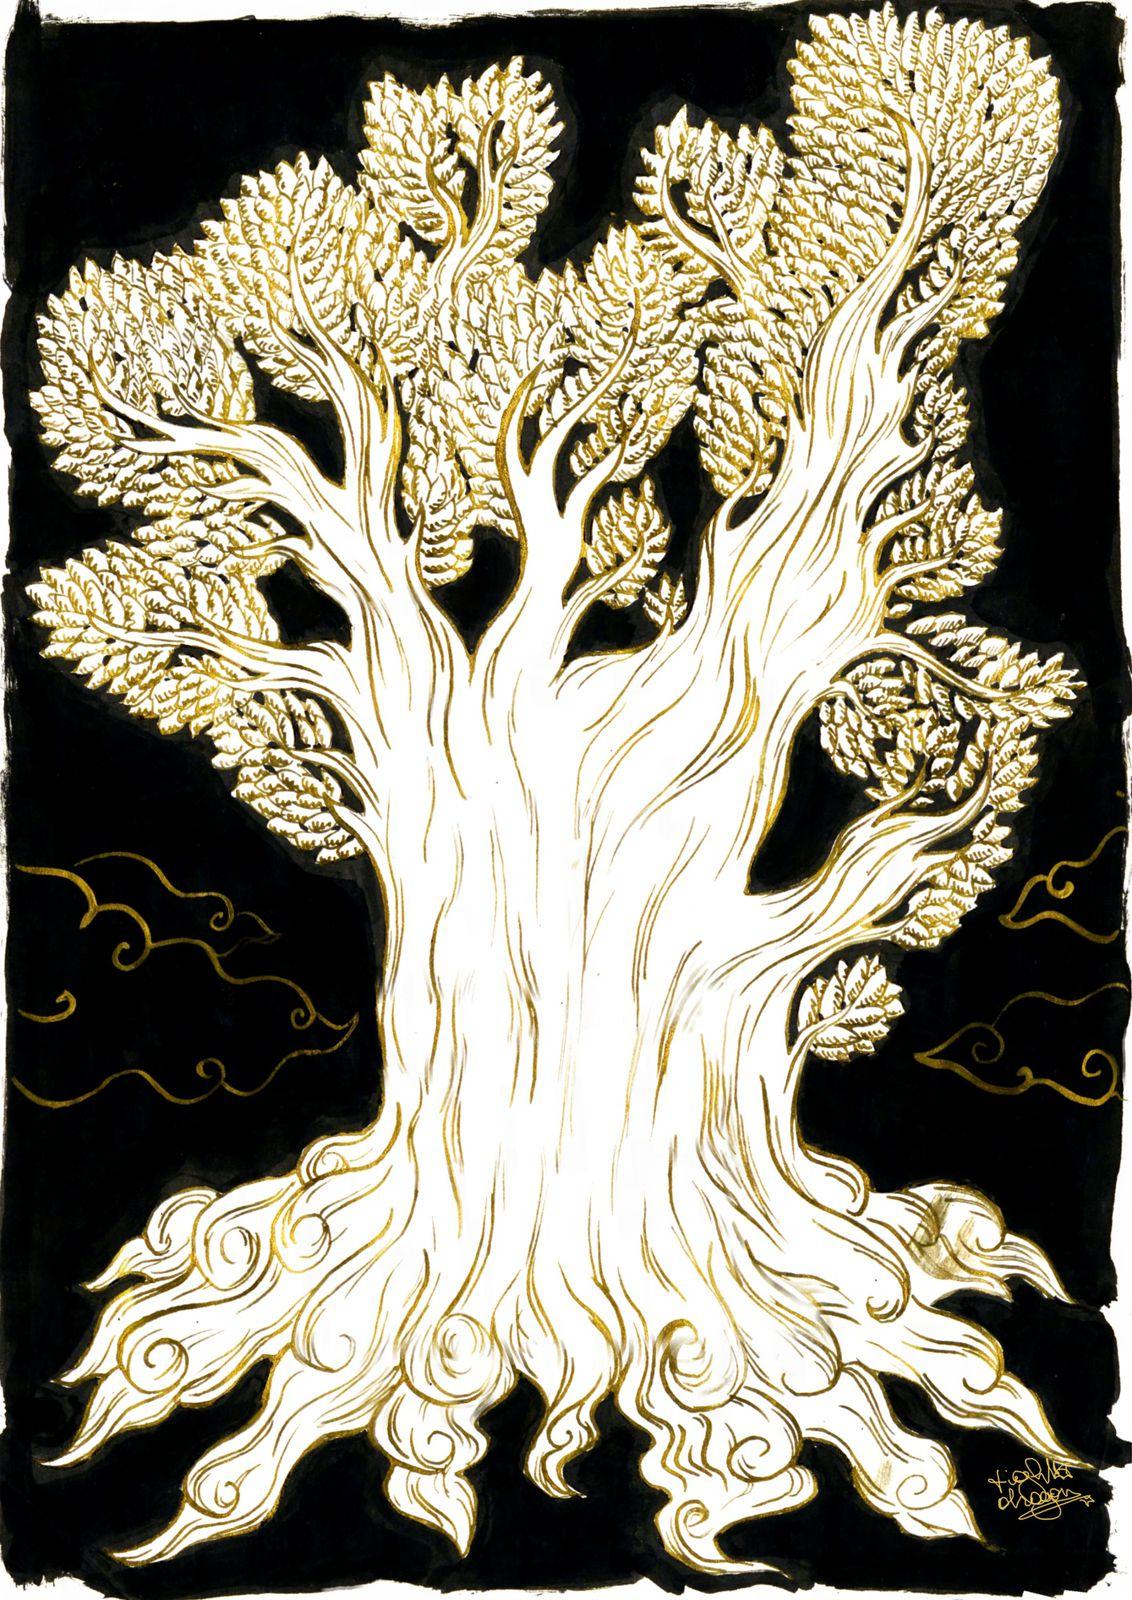 Réalisé avec de l'encre dorée (plume) et de l'encre de chine (pinceau)